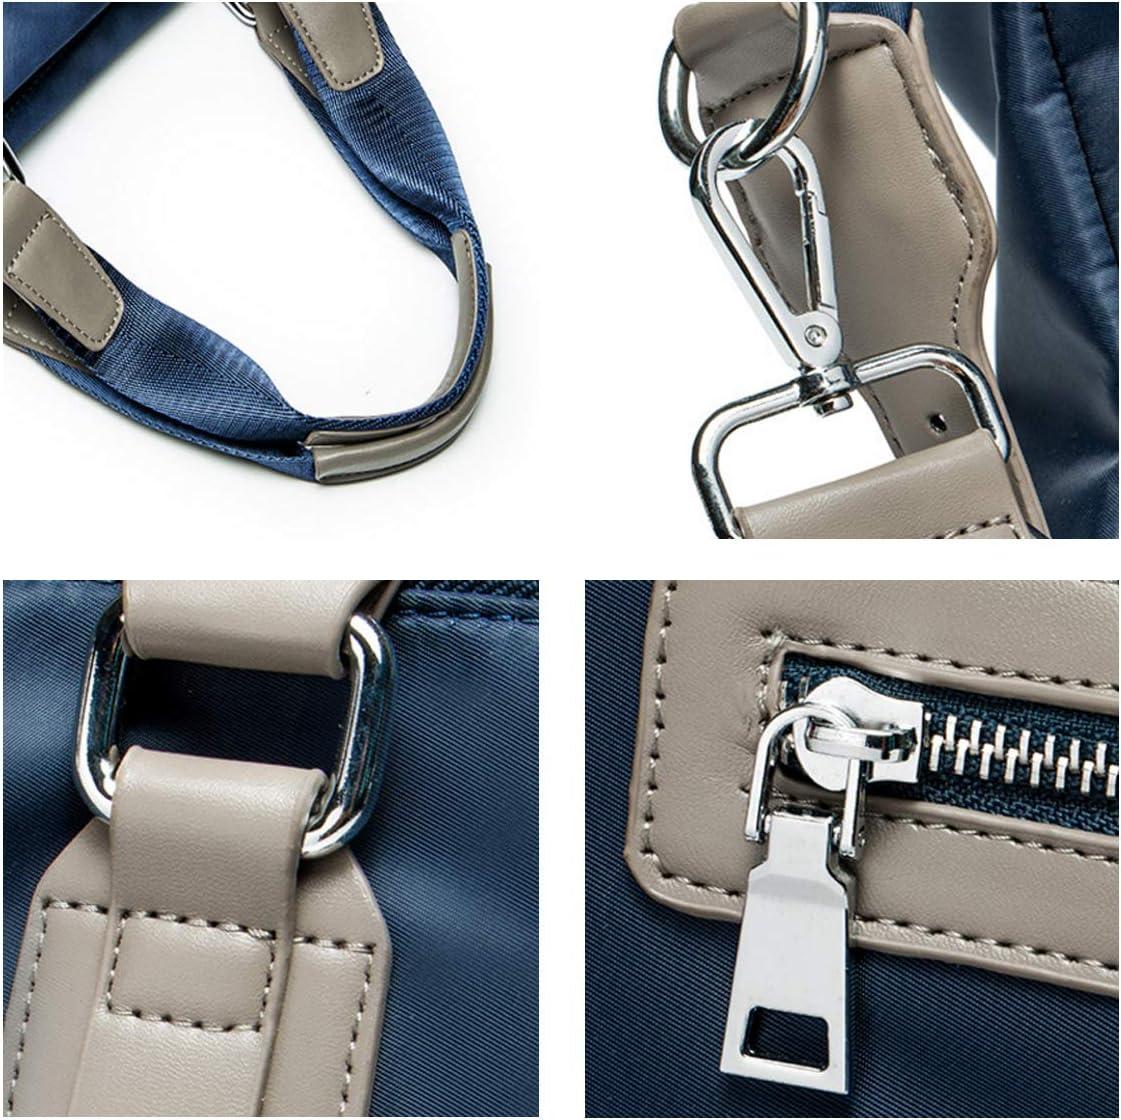 AYAHOA Large Leather Handbag Duffel Bag Gym Travel Shoulder Bag Overnight Luggage Men